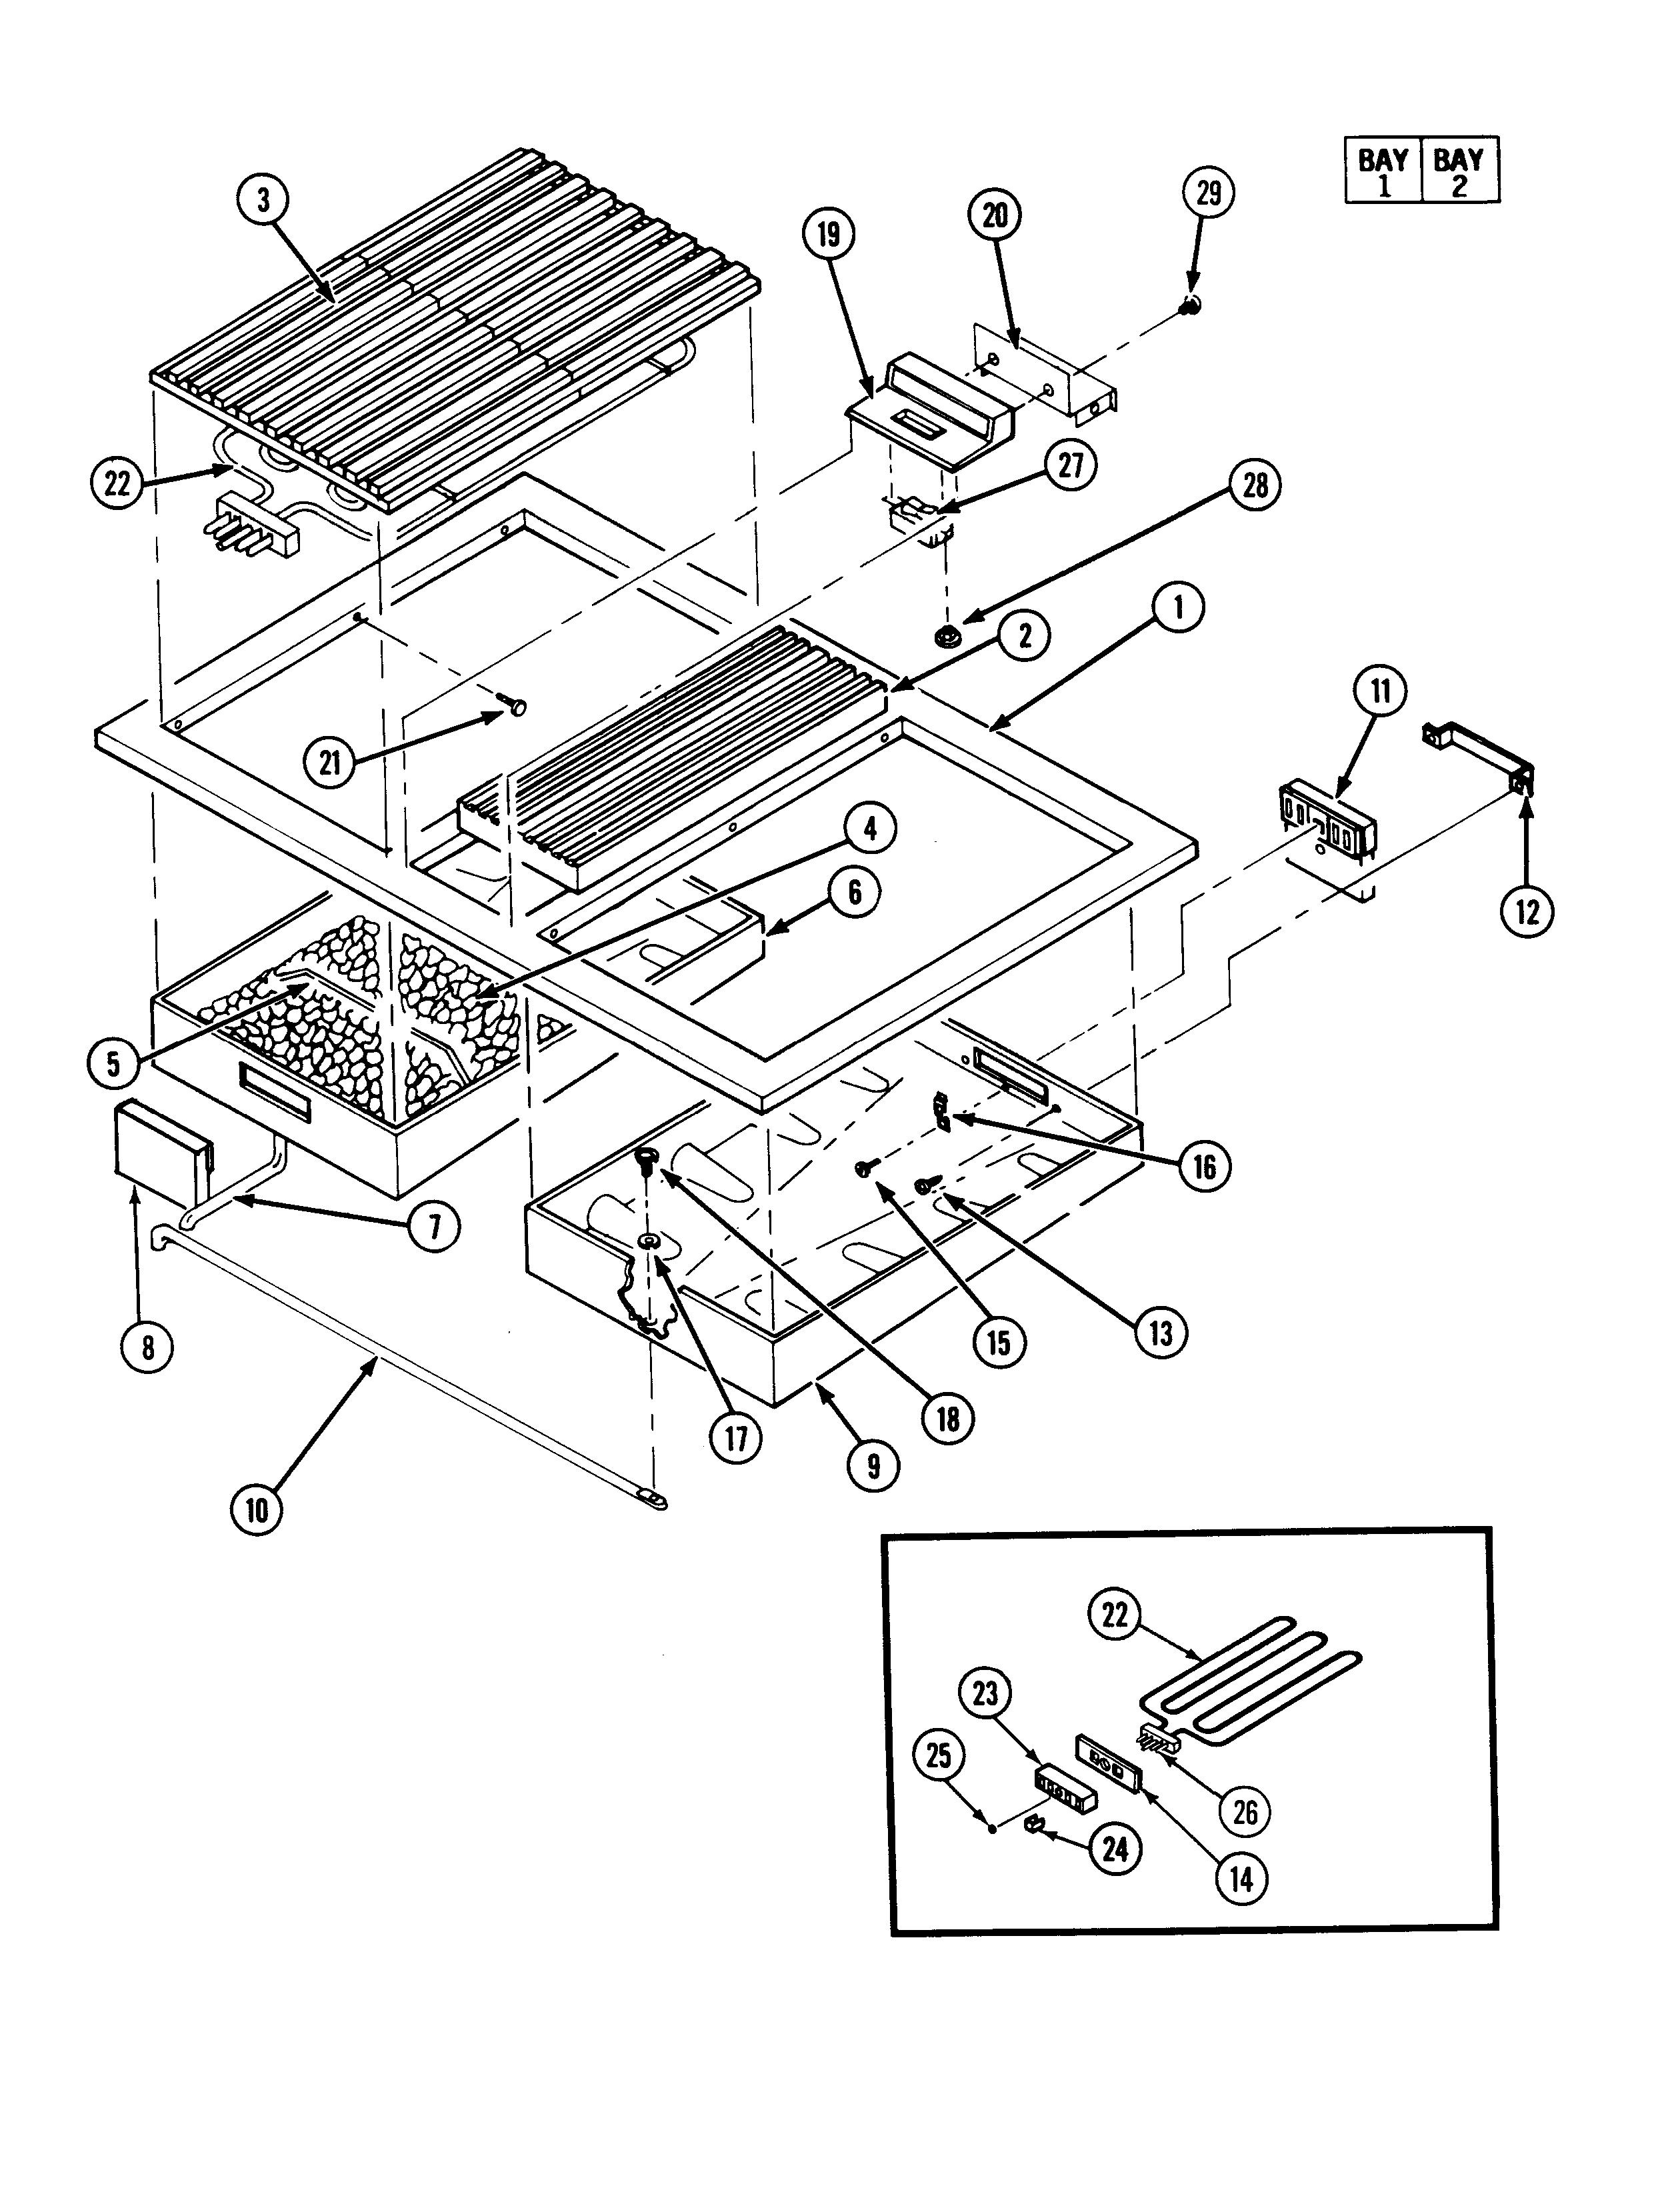 under seat wiring diagram gl1800 cbr929rr wiring diagram, cx500 Double Switch Wiring Diagram cbr929rr wiring diagram